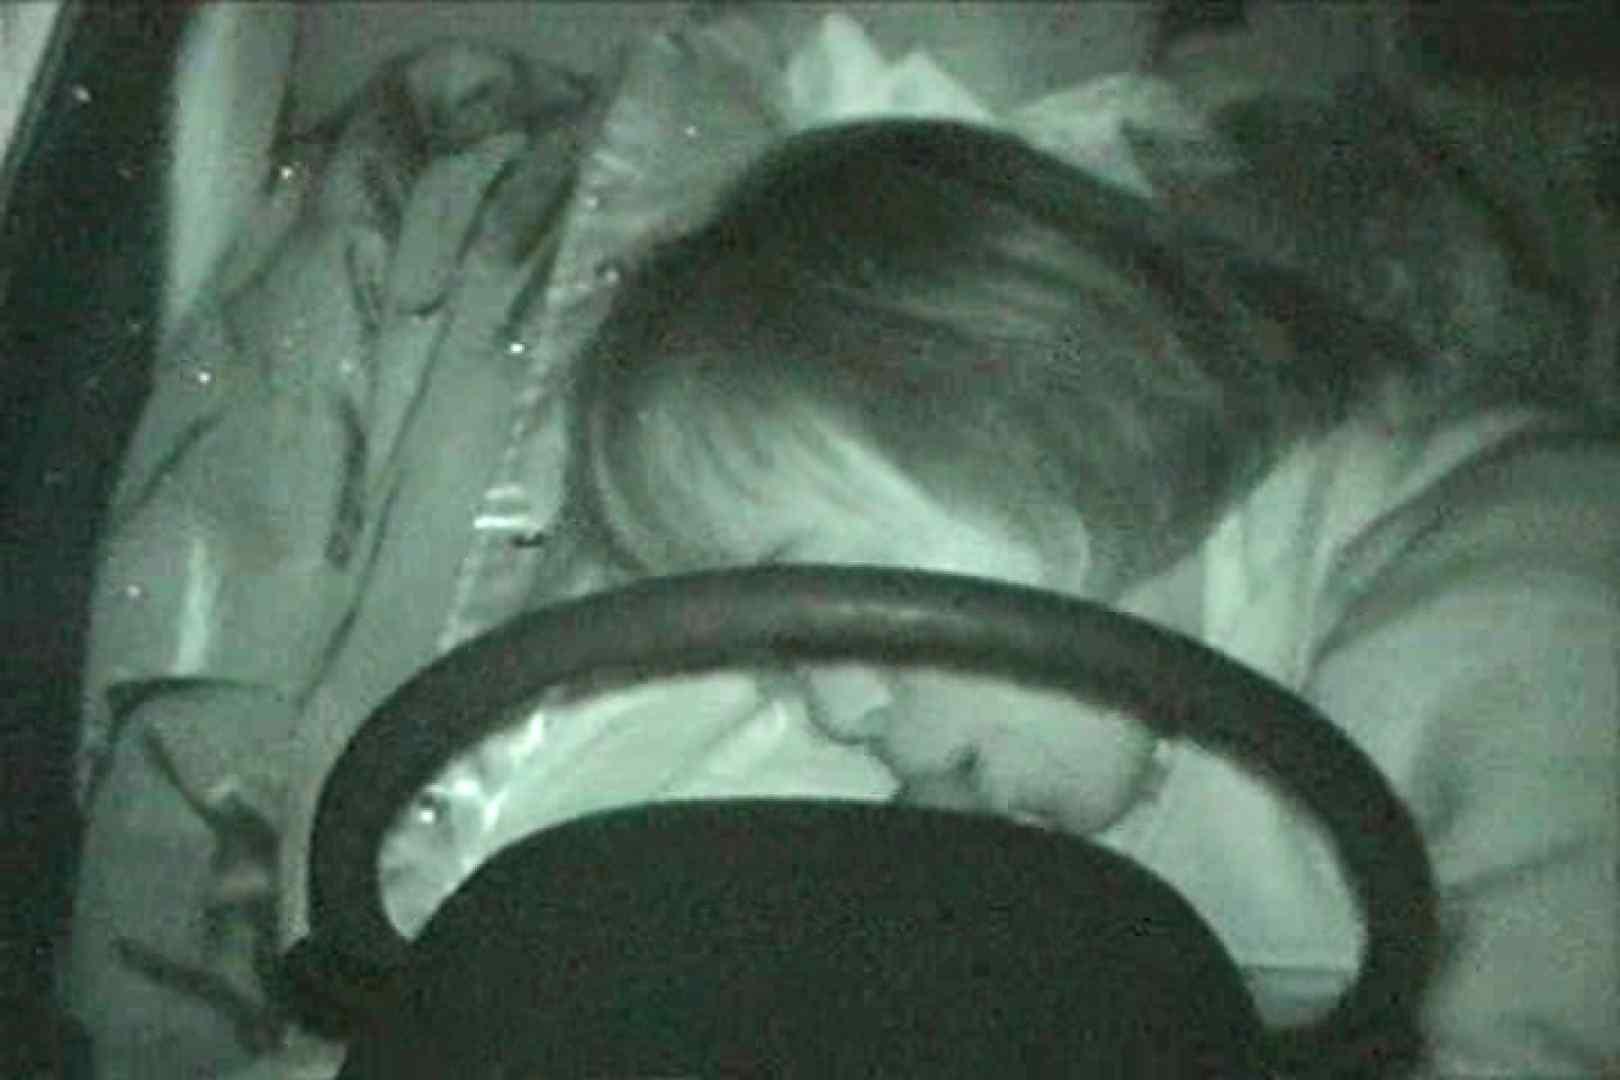 車の中はラブホテル 無修正版  Vol.27 盗撮特集 | 車の中のカップル  58画像 49